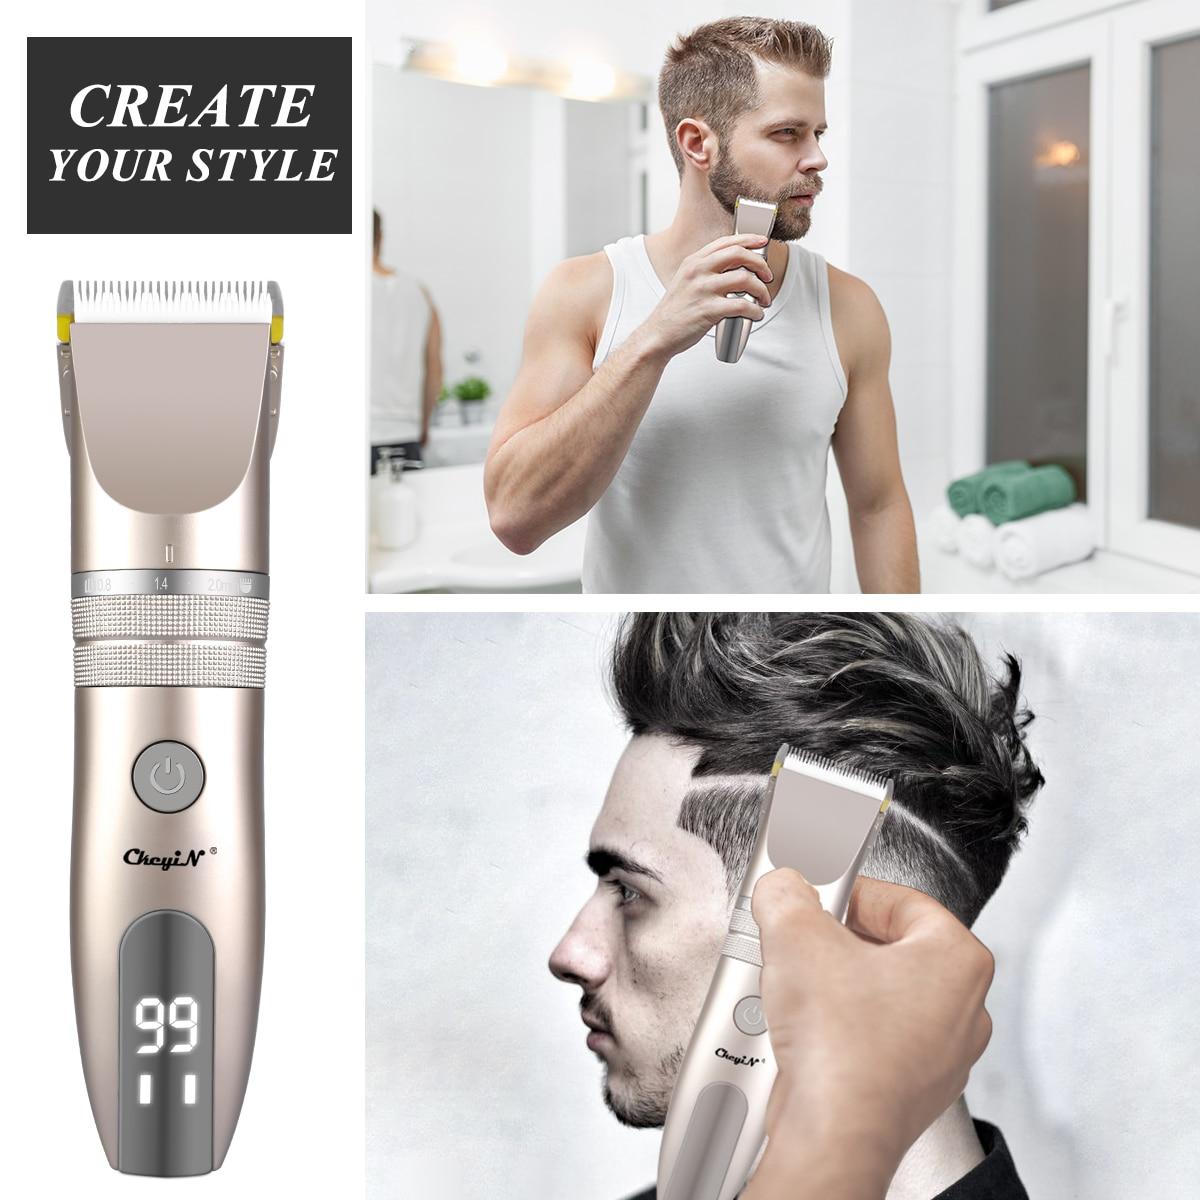 CkeyiN المهنية الكهربائية كليبرز قابلة للشحن LED عرض منخفض الضوضاء مشابك شعر الرجال المنزل الحلاق عدة الحلاقة أدوات للعناية الشخصية